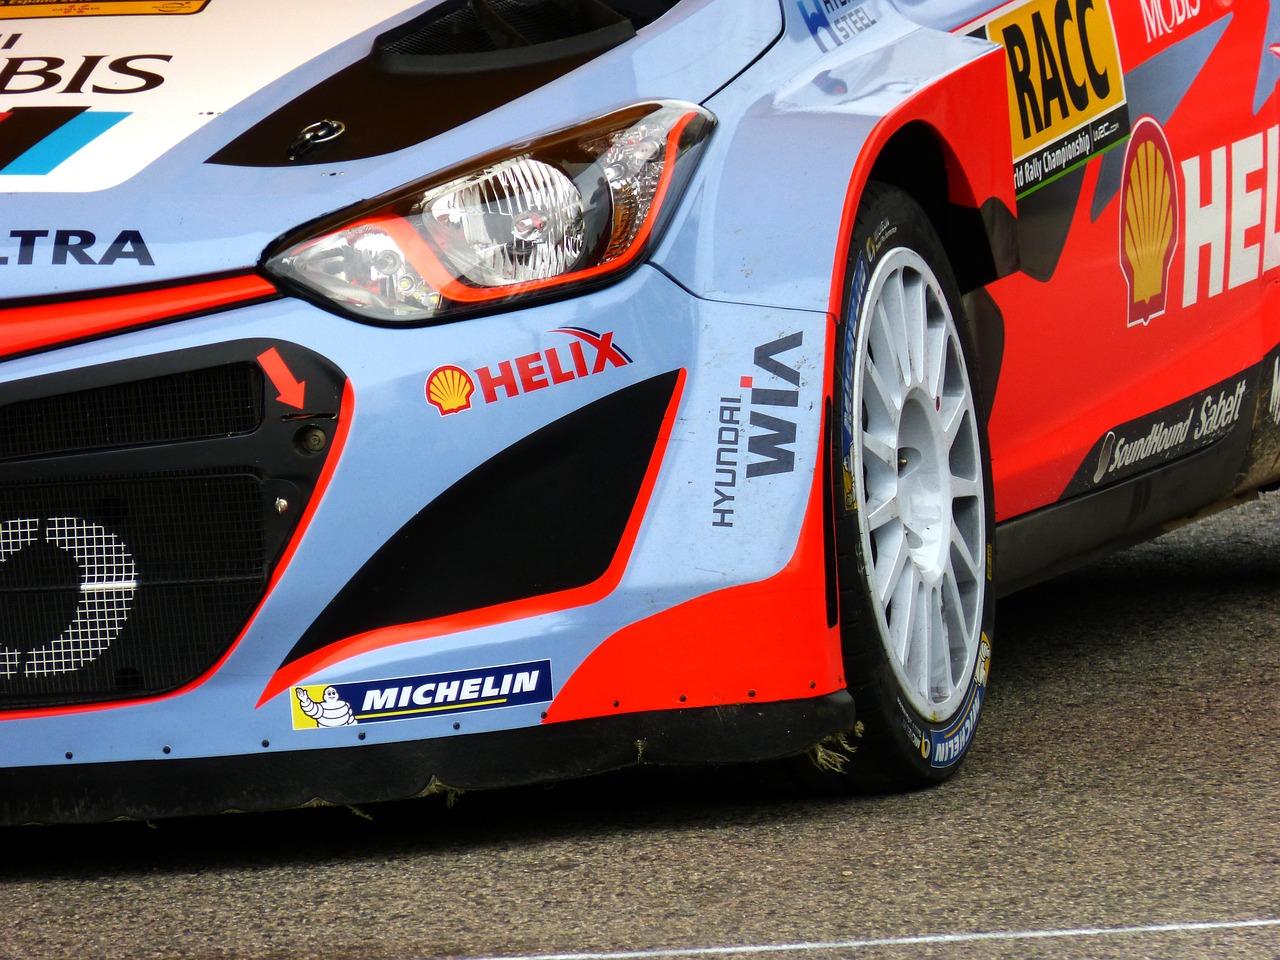 WRC世界ラリー選手権第12戦スペイン:セバスチャン・ローブの勝利